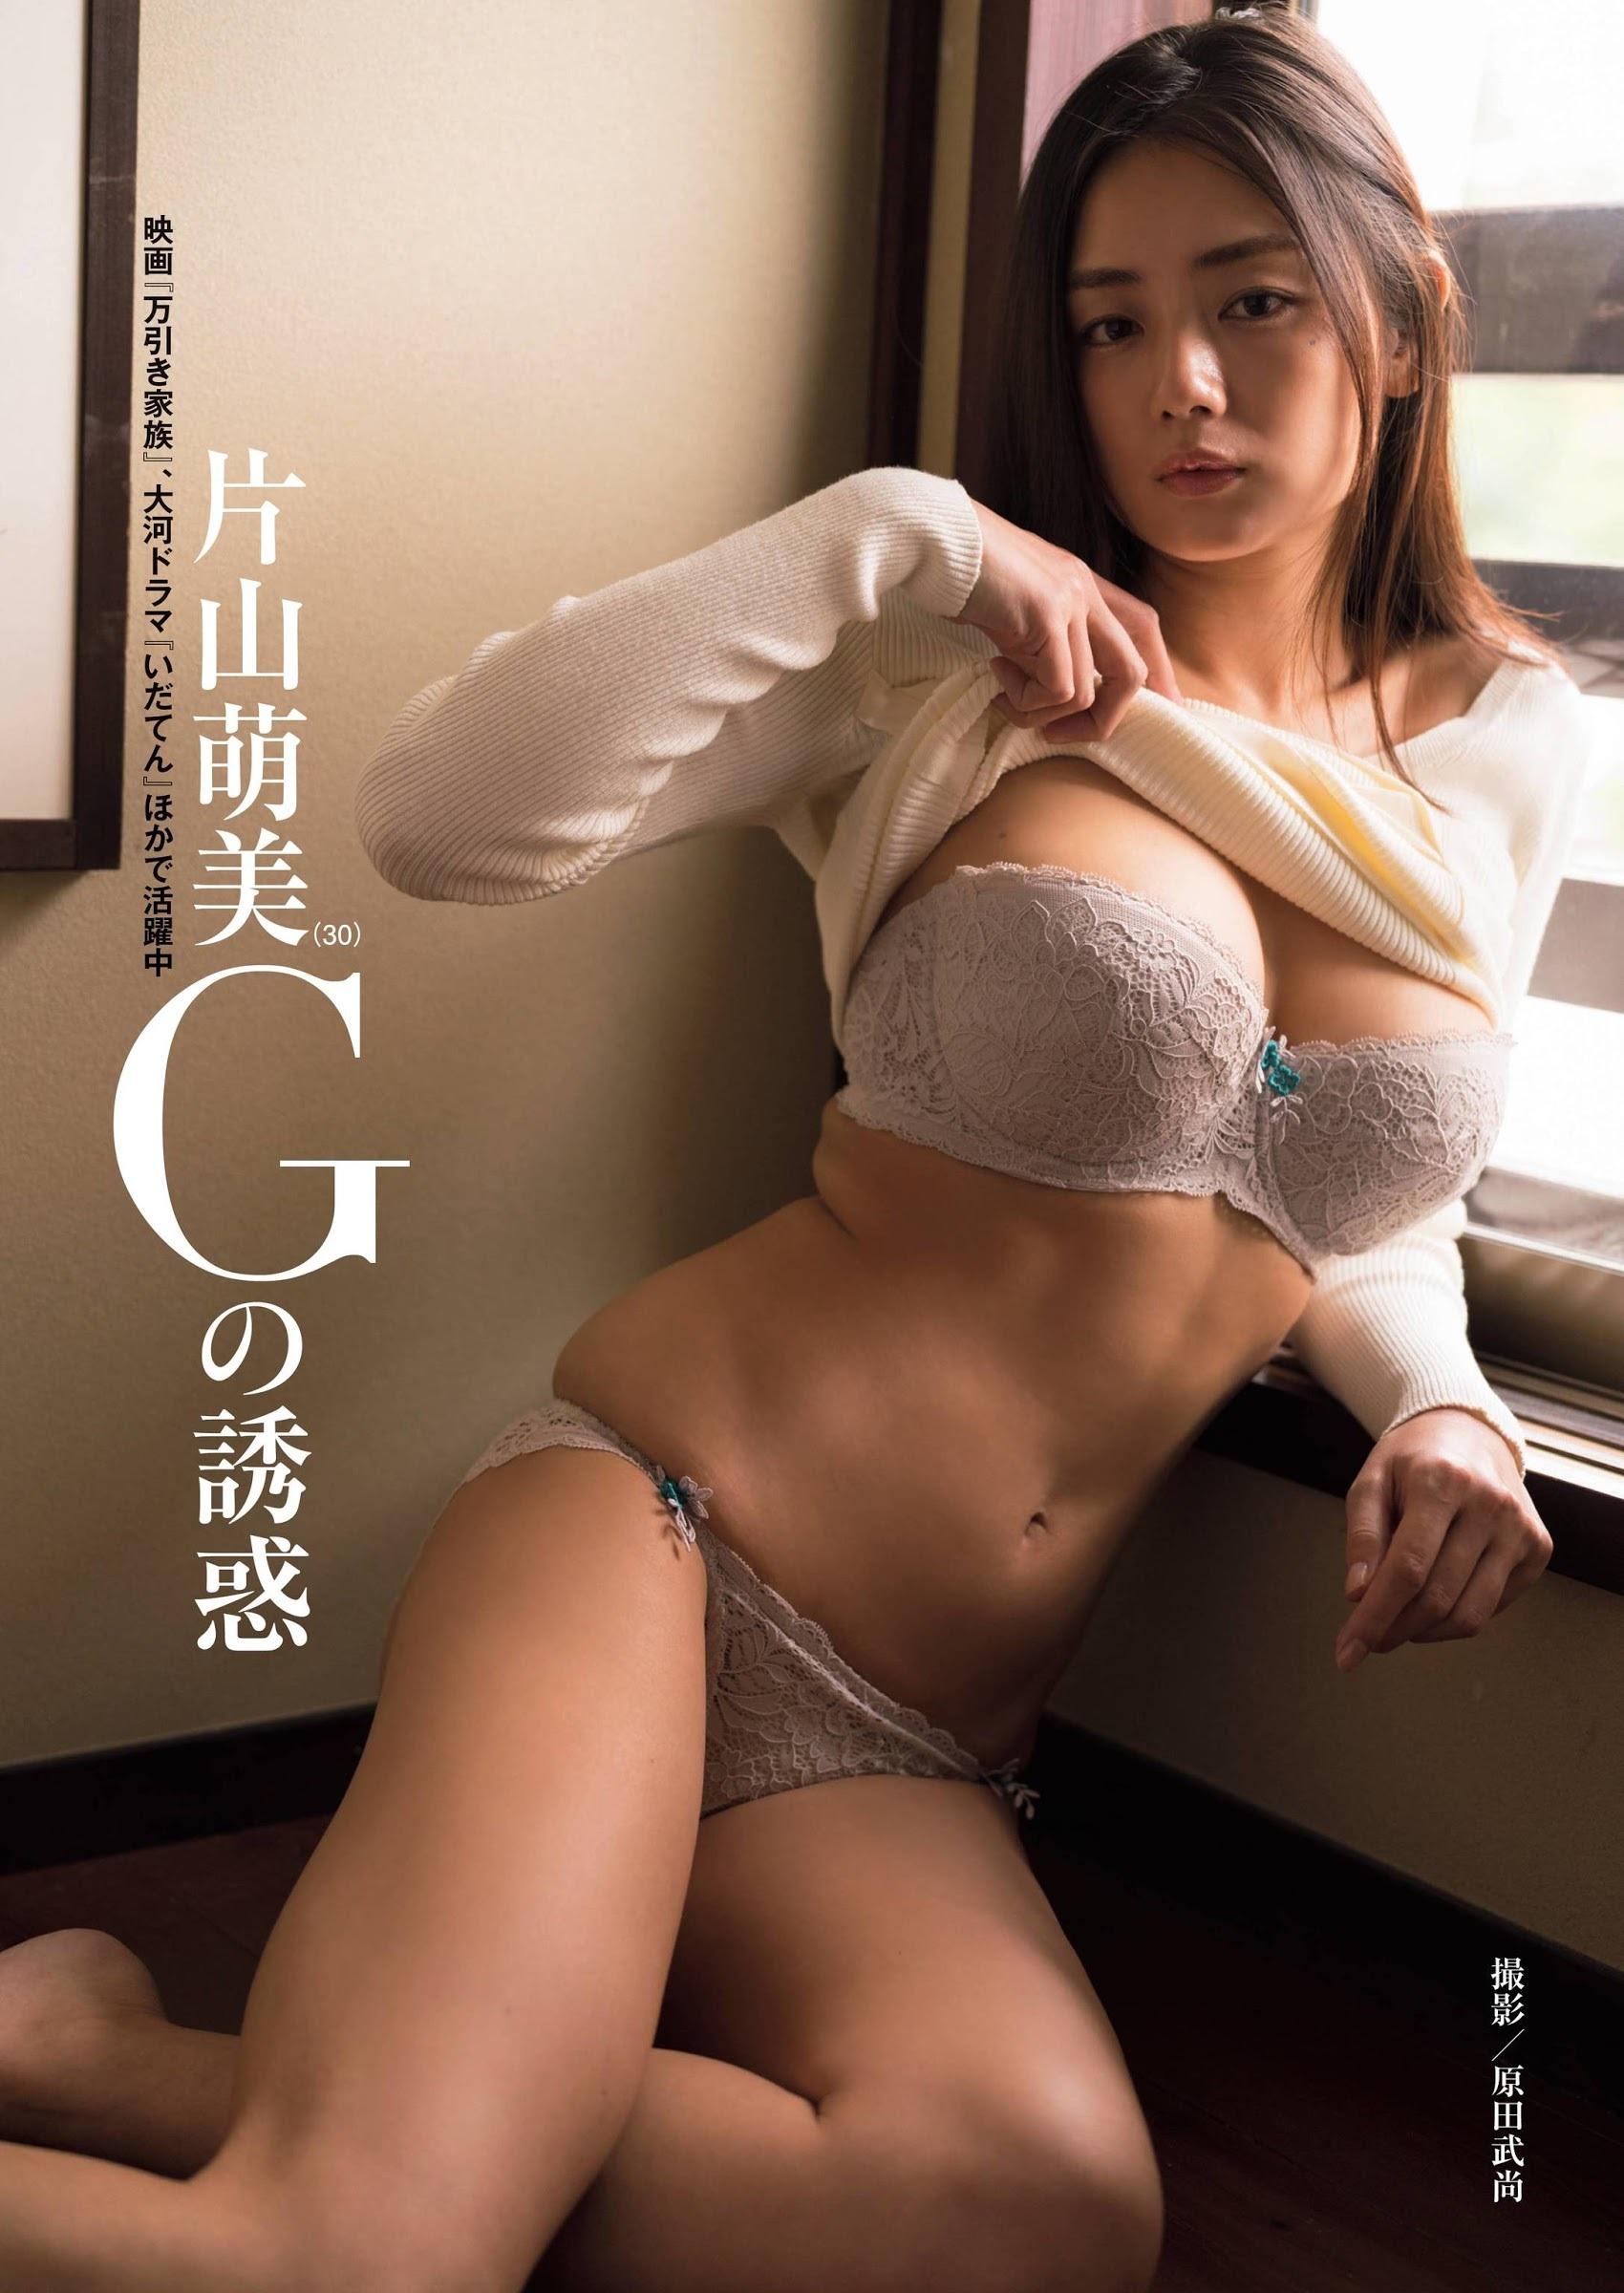 片山萌美161